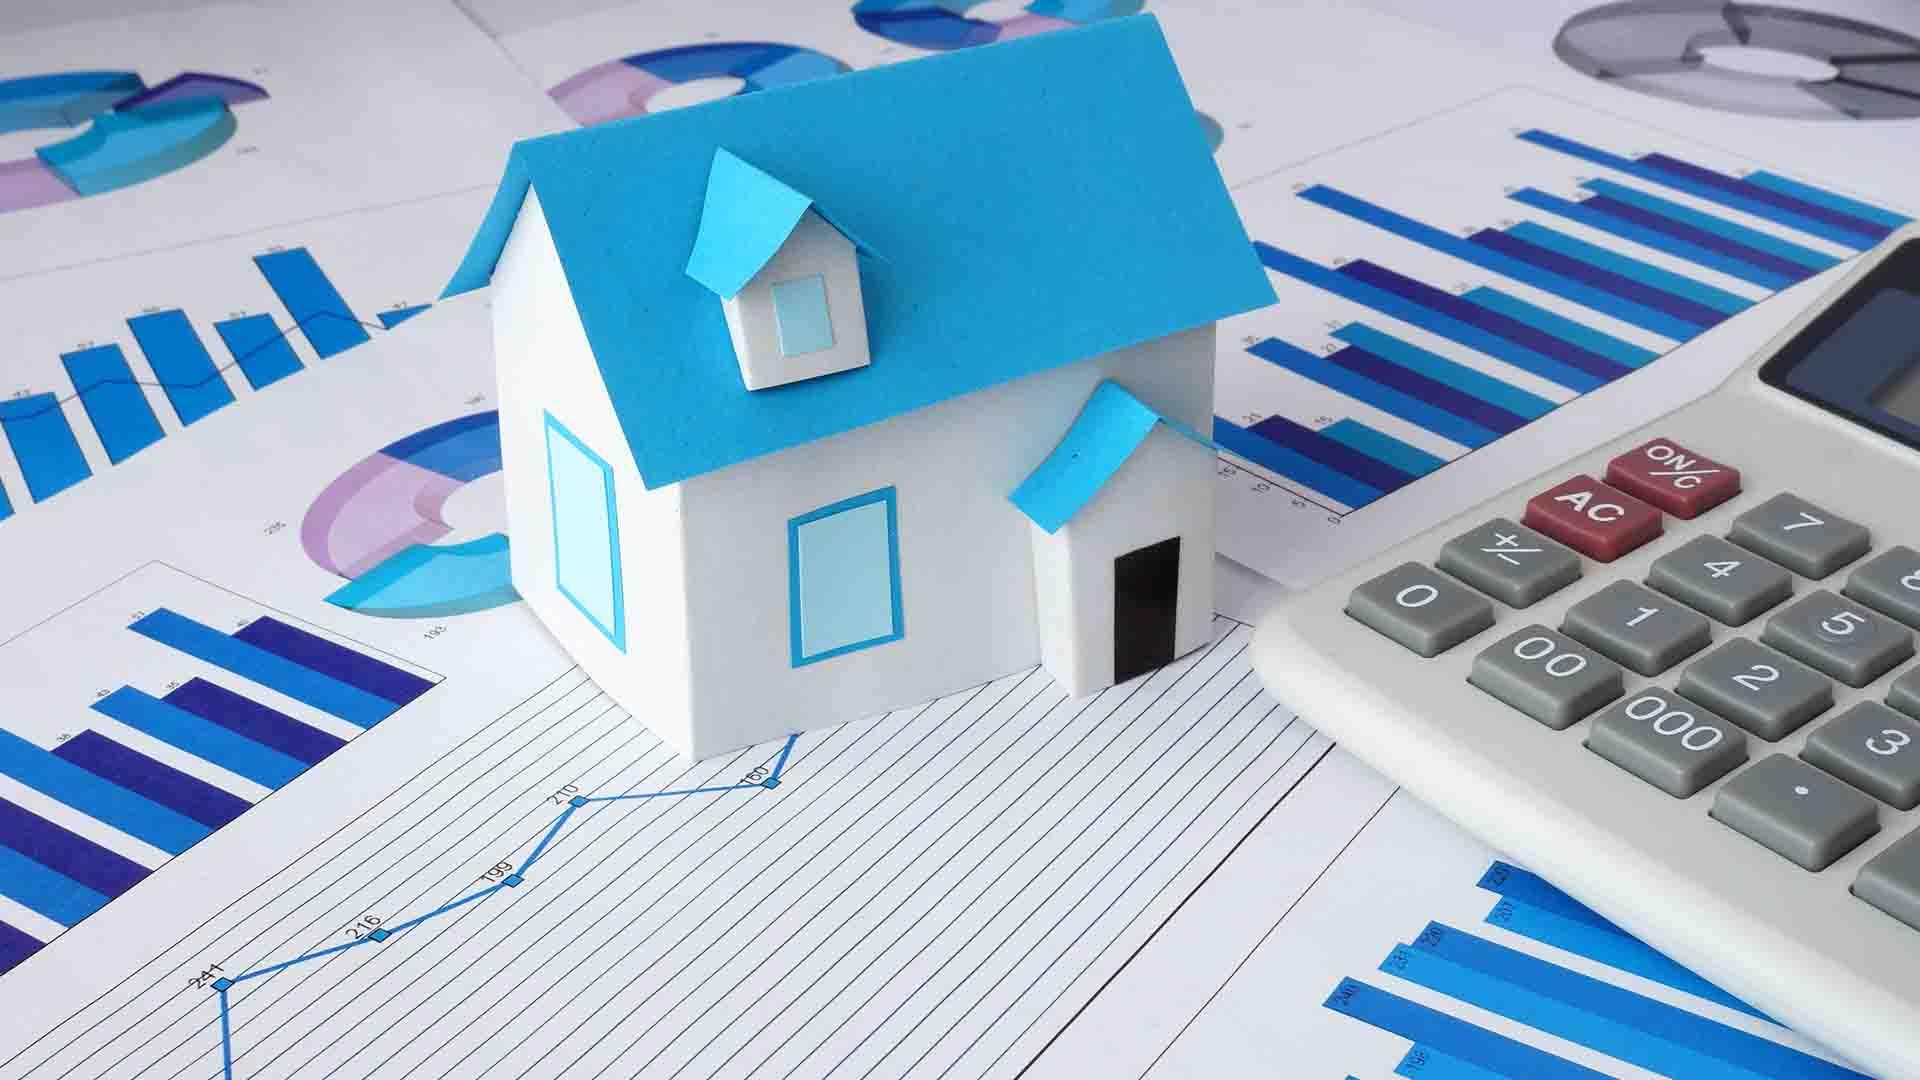 Mumbai, Bangalore Lead Residential Sales, Launches in Q1: Report